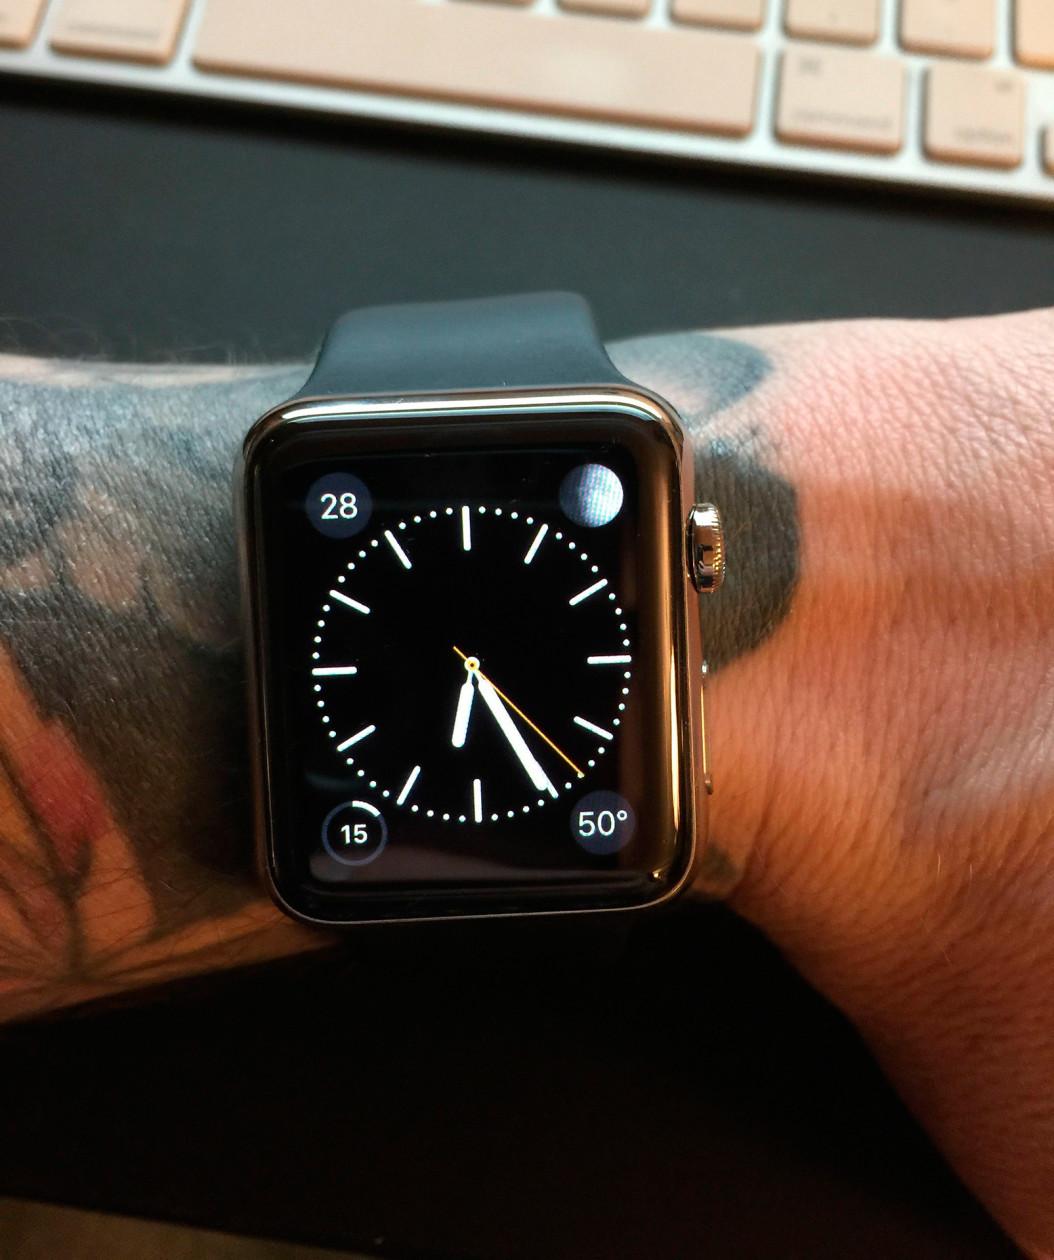 Sensores do Apple Watch não estão se dando muito bem com braços cobertos por tatuagens [atualizado] | MacMagazine.com.br